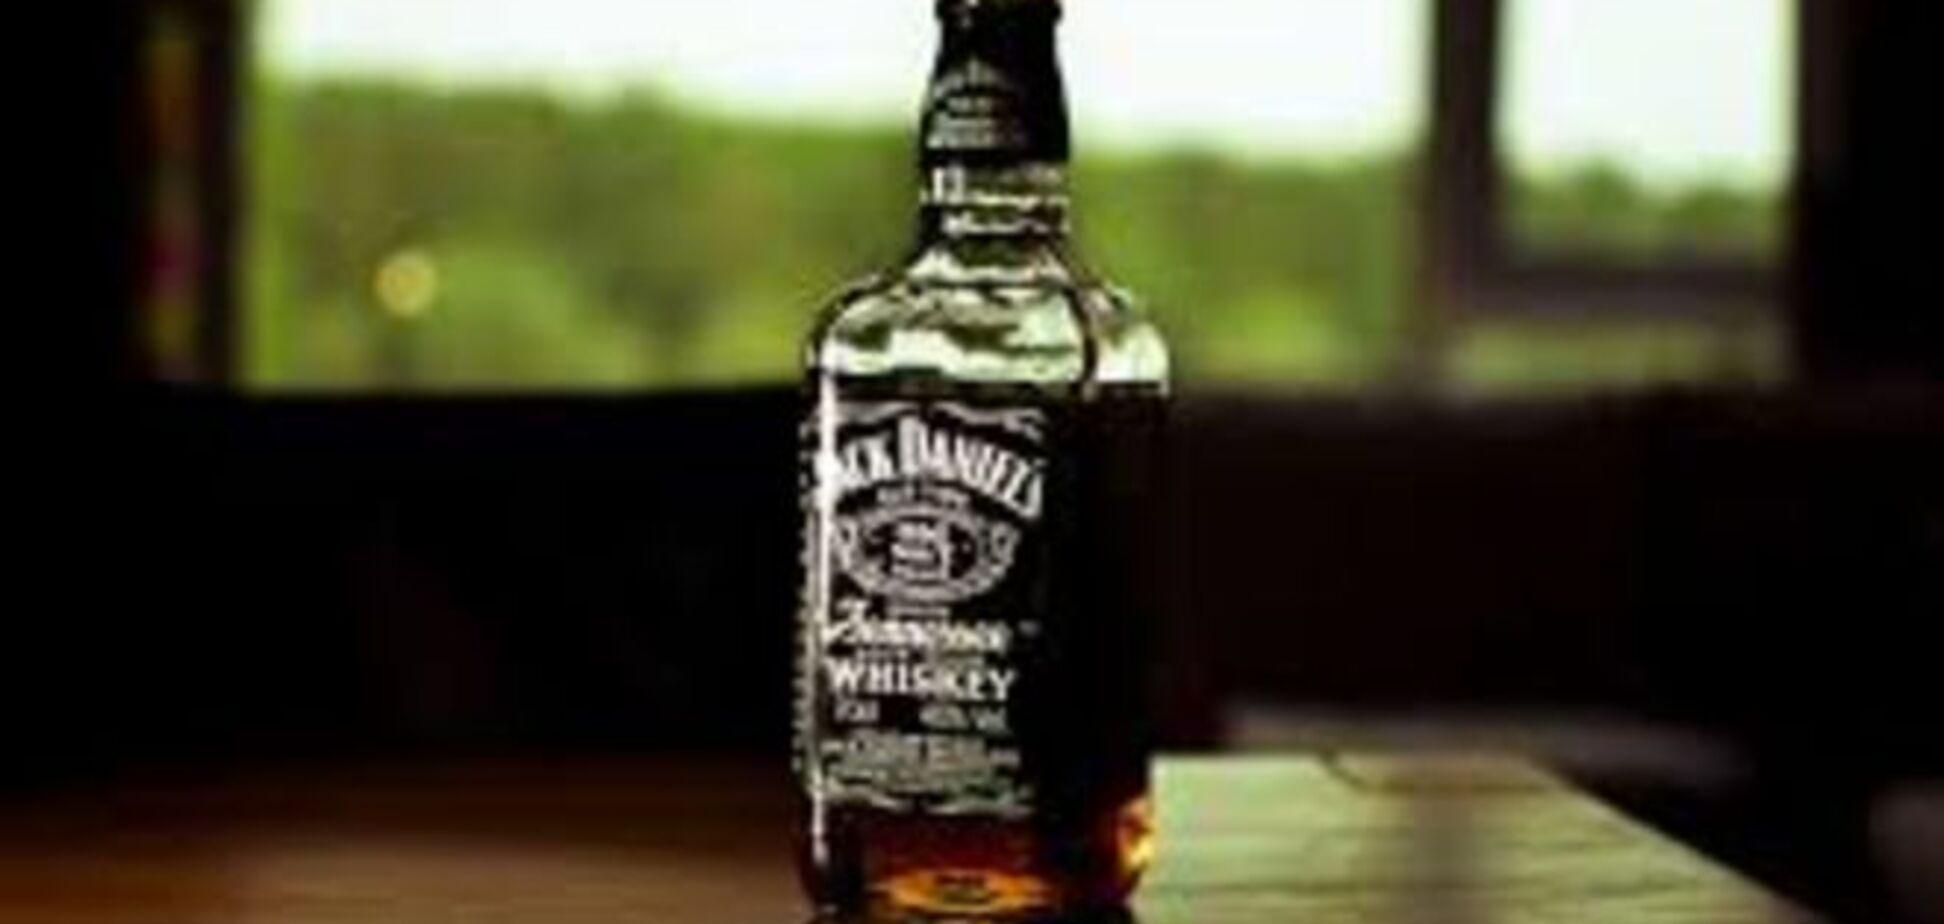 Елітного захотілося: на заводі 'Луга-Нова' терористи будуть випускати свій Jack Daniel's